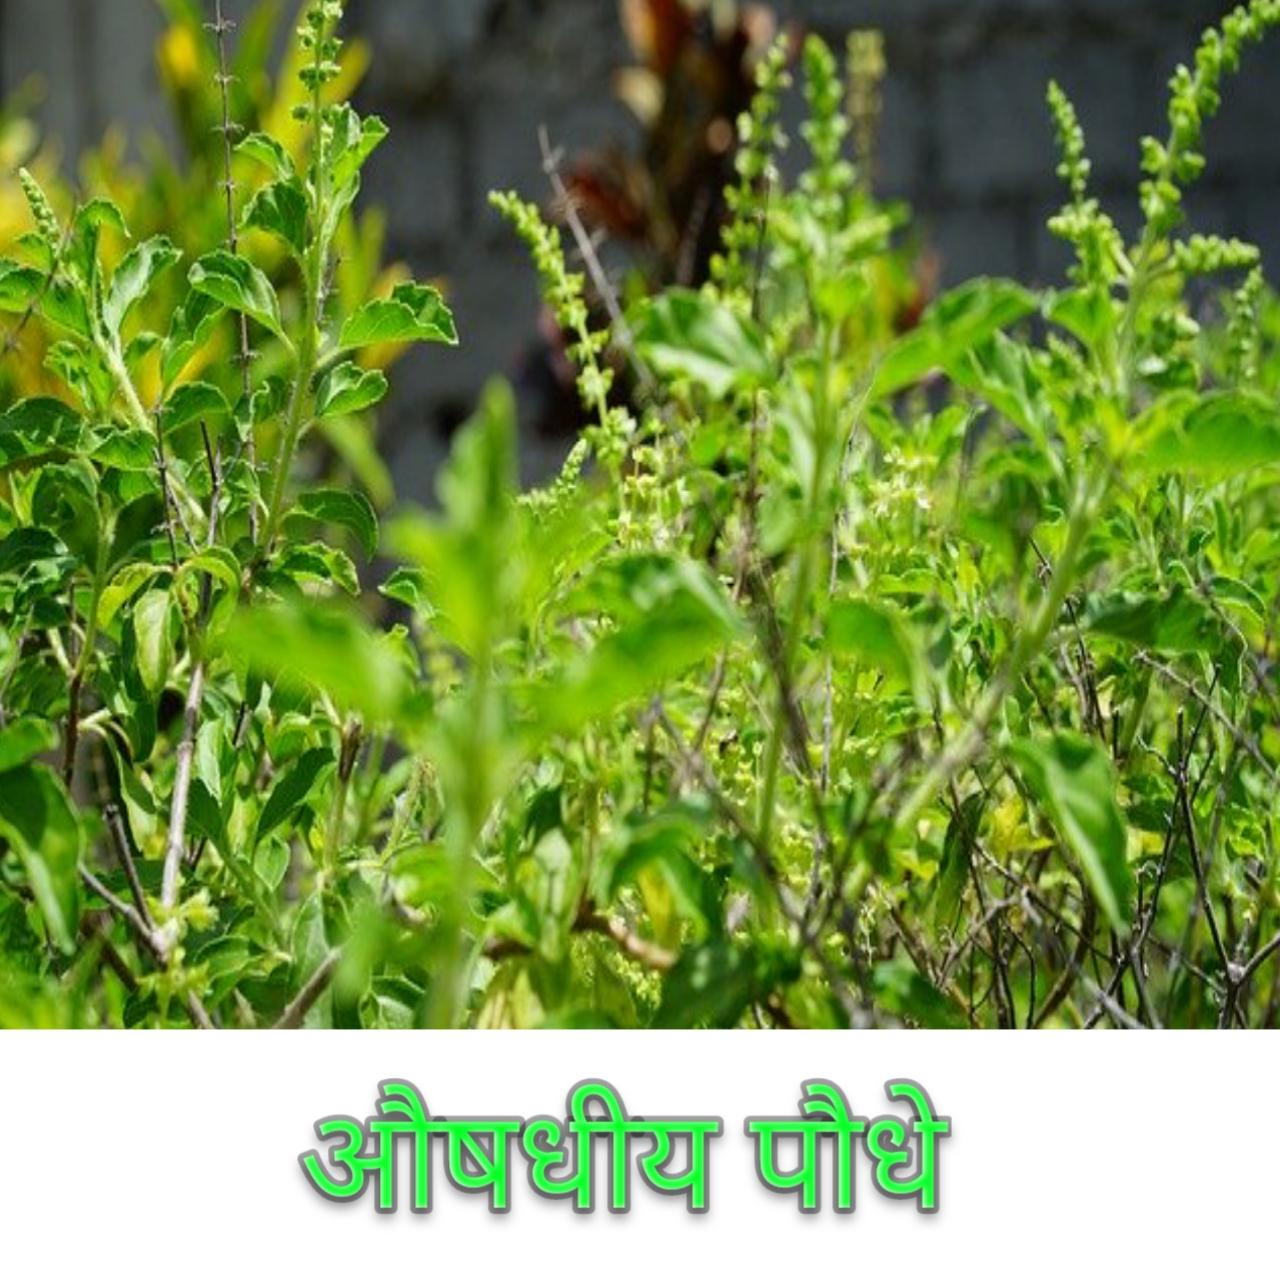 औषधीय पौधों का प्रारंभिक परिचय एवं महत्व Early introduction and importance of medicinal plants